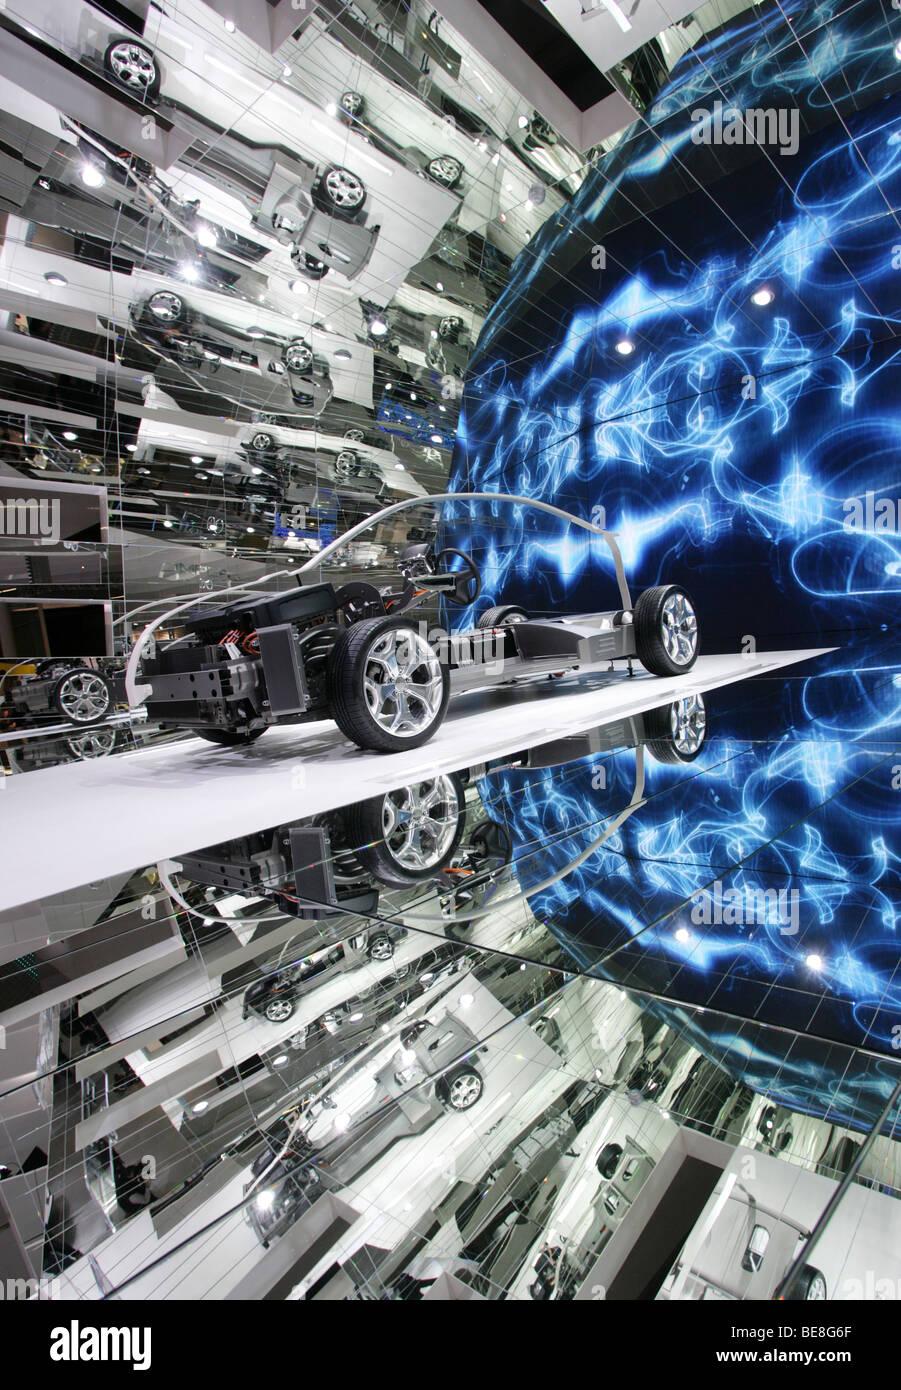 Auto elettrica Opel Ampera al 63. IAA Motor Show di Francoforte/Germania, 15.9.2009 Immagini Stock